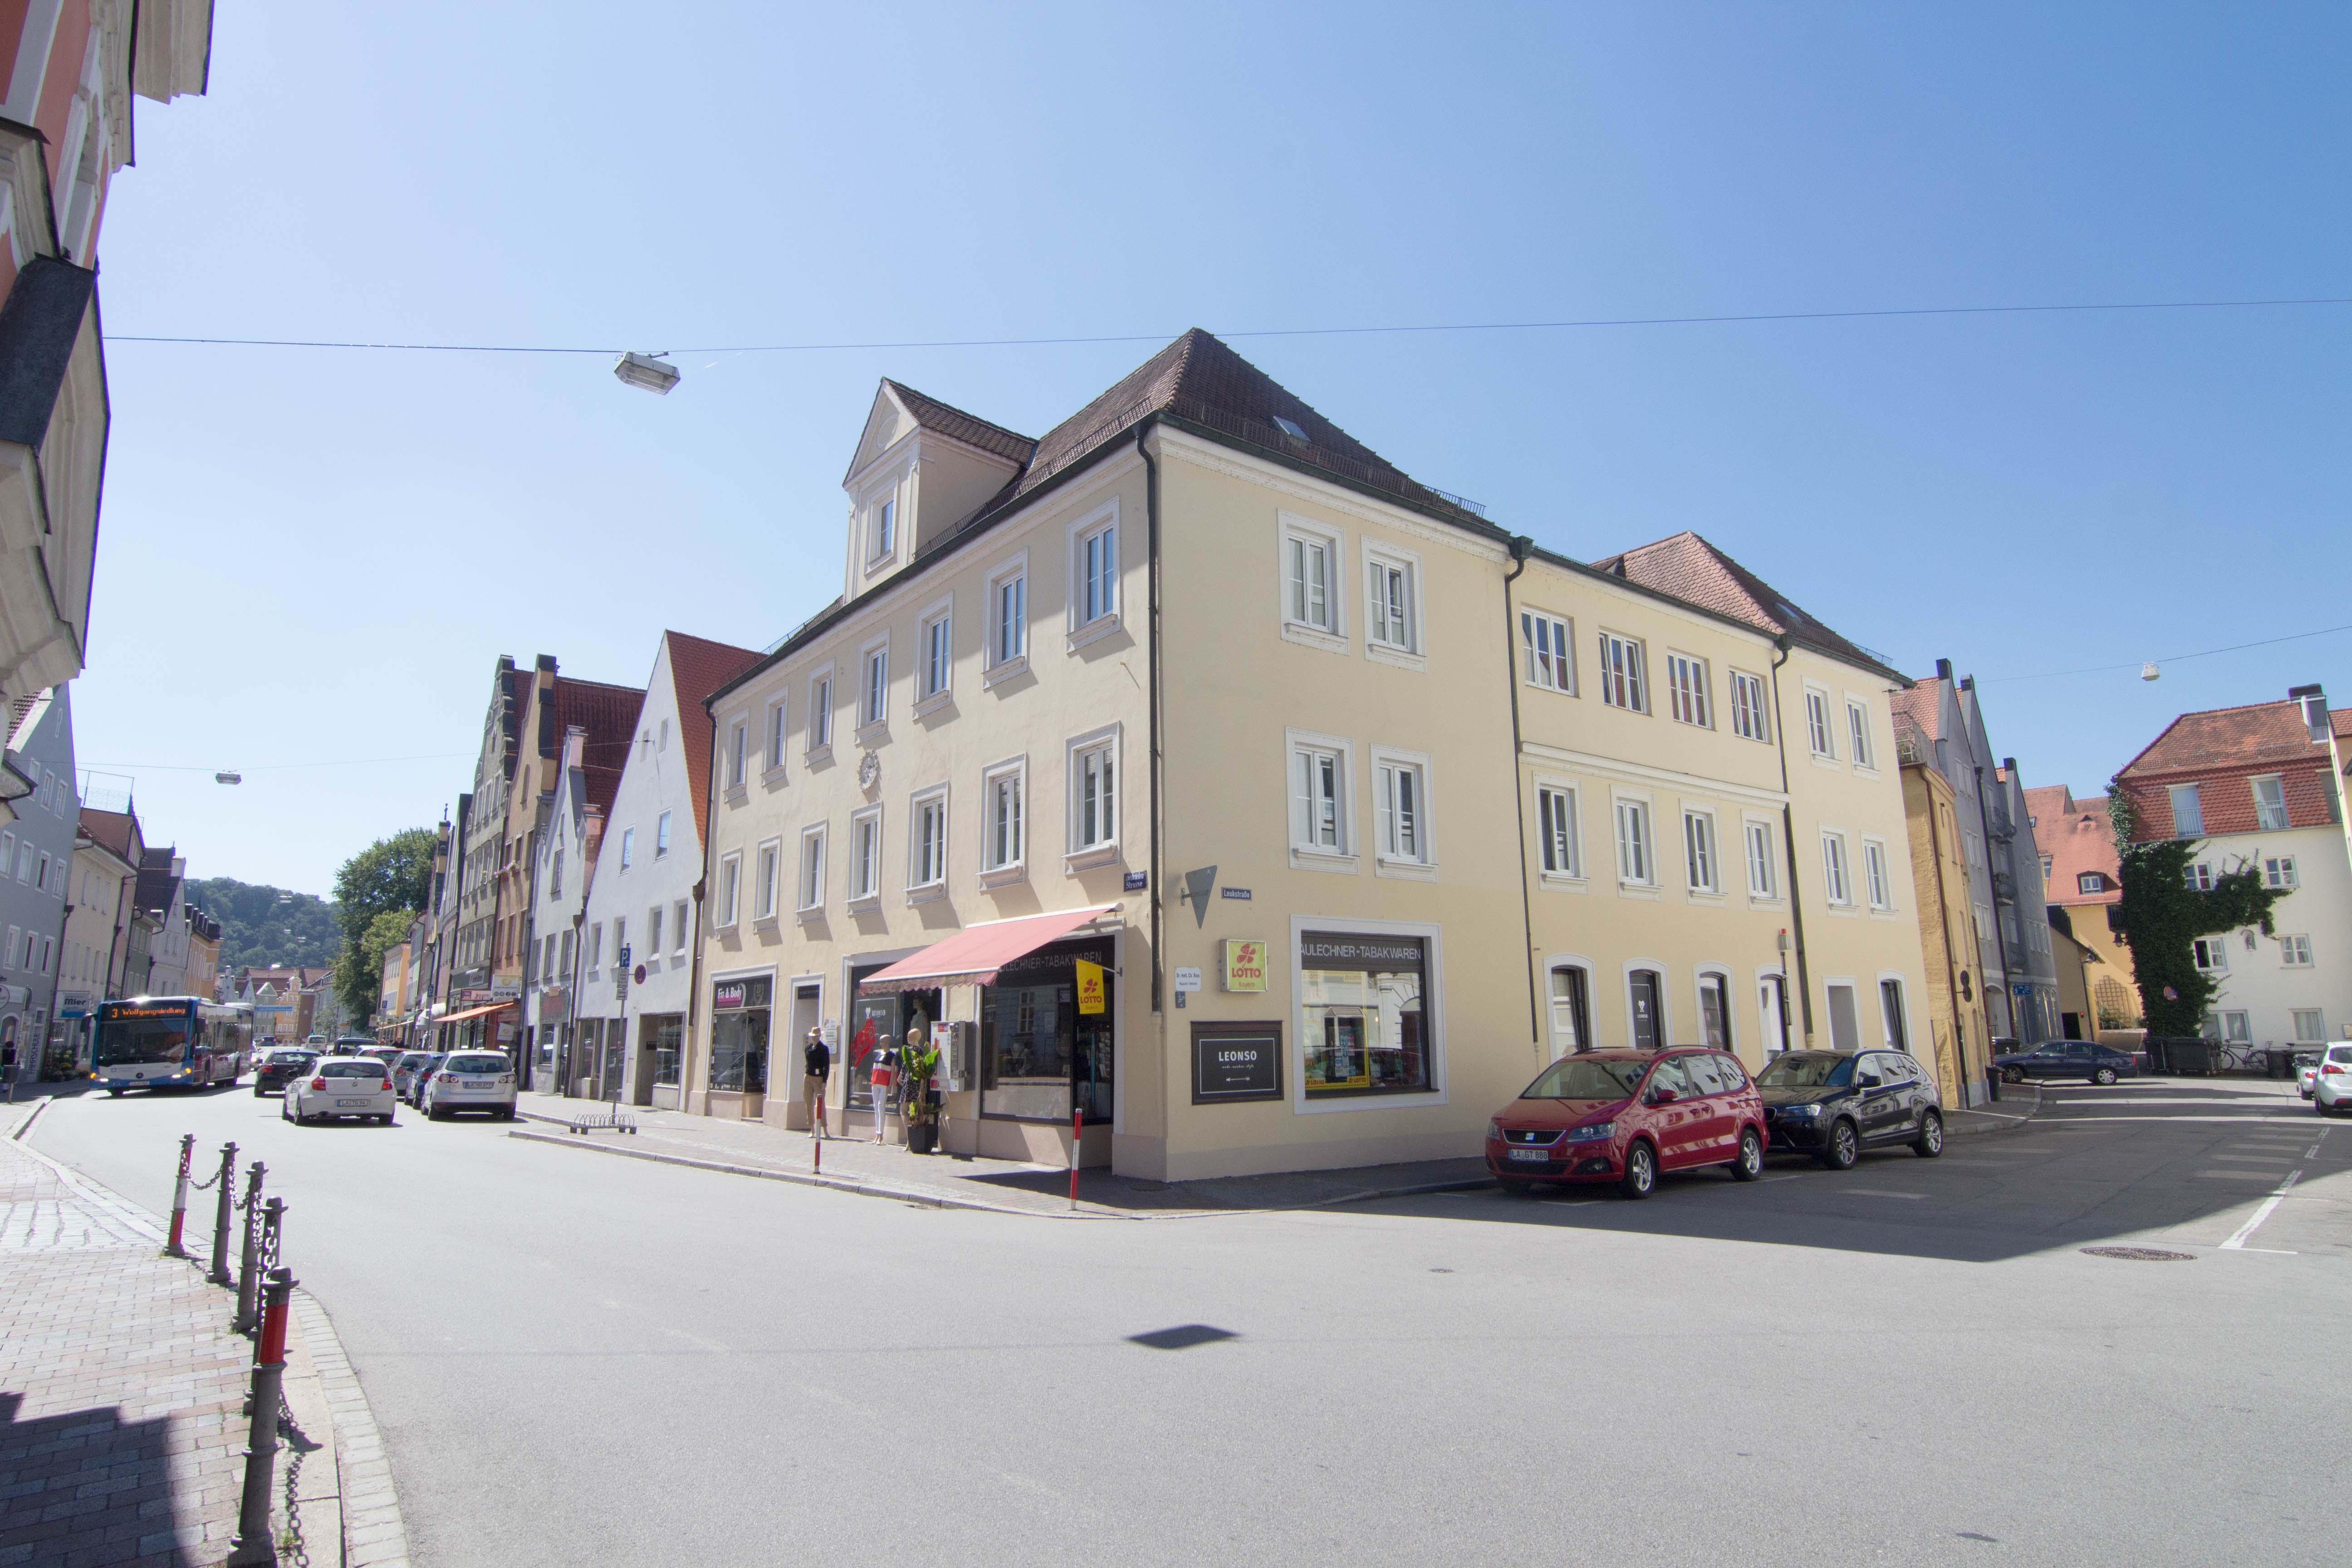 Außenaufnahme Bürogebäude in der Zweibrückenstraße in Landshut